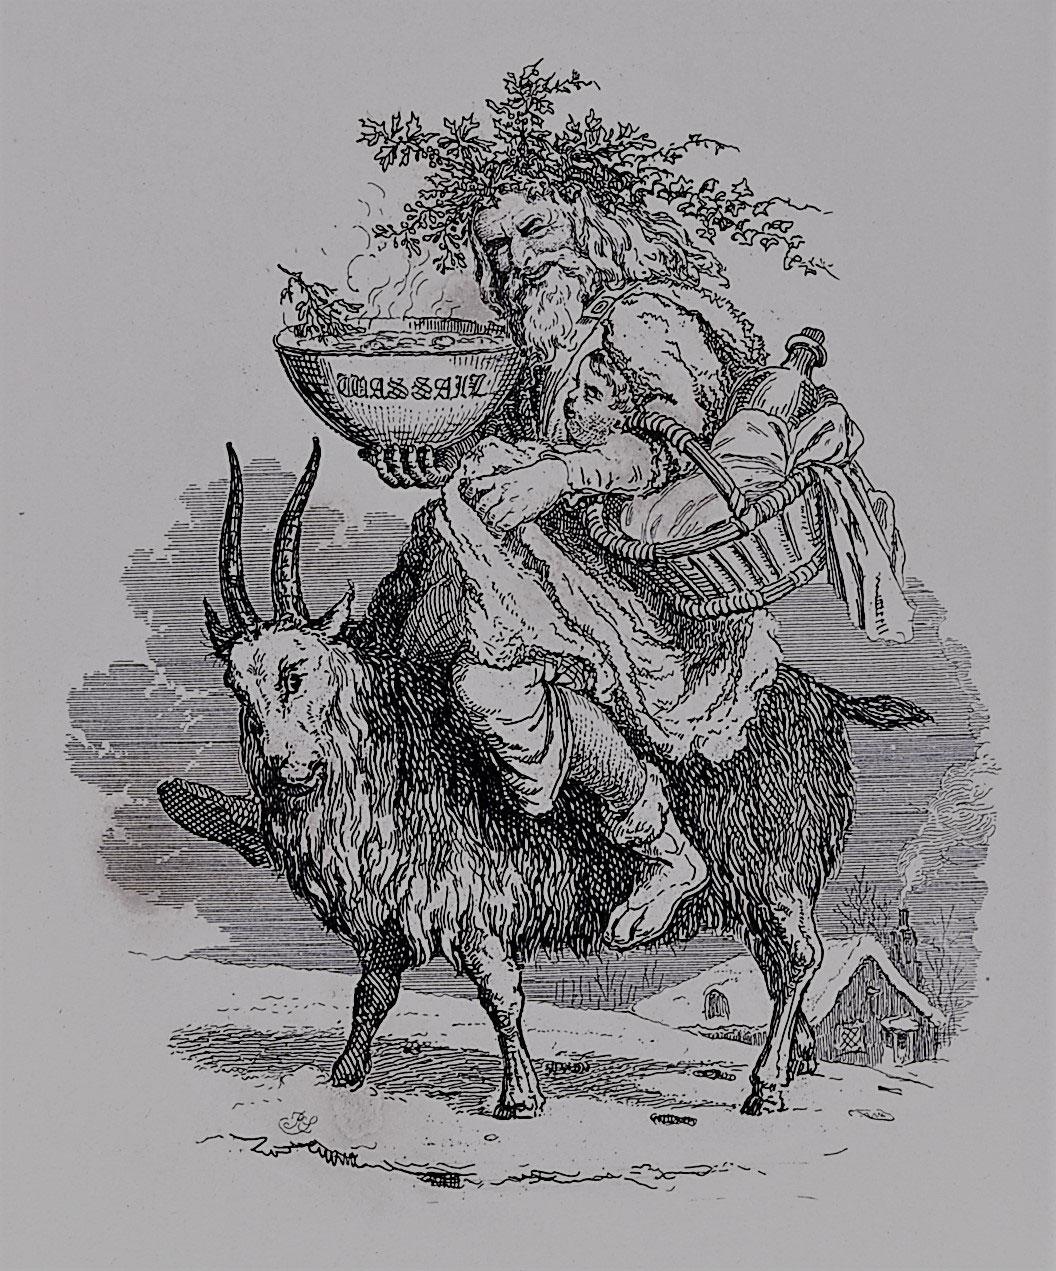 Old Christmas Robert Seymour Hervey S Book Of Christmas 1836